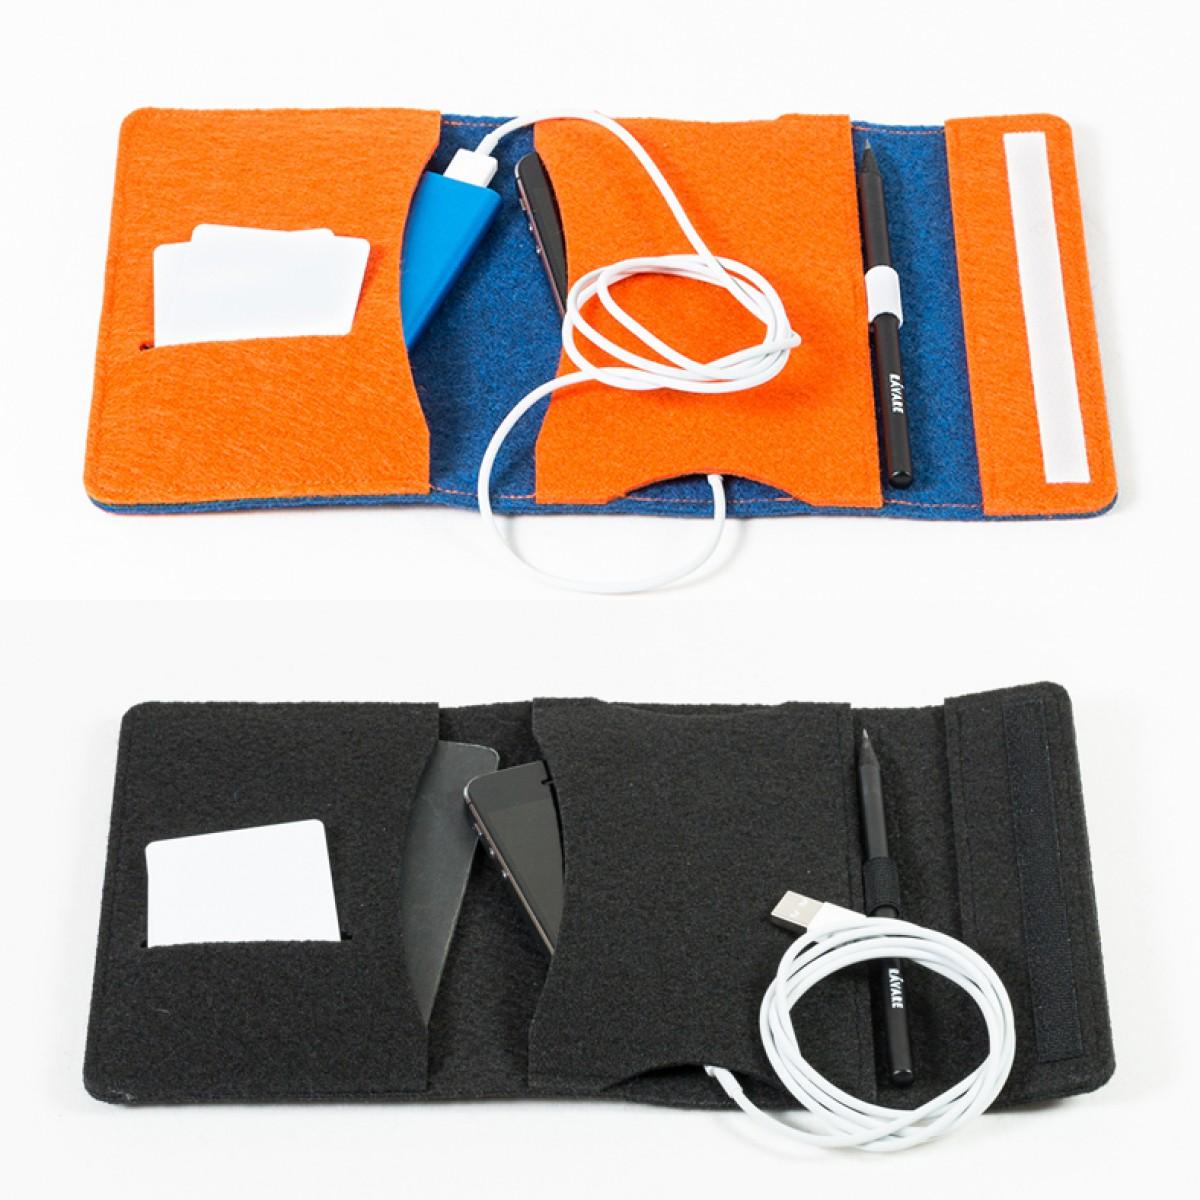 RÅVARE Smartphone Etui Reiseetui für Reisepass kleiner Organizer Etui in verschiedenen Farben [JONKO]